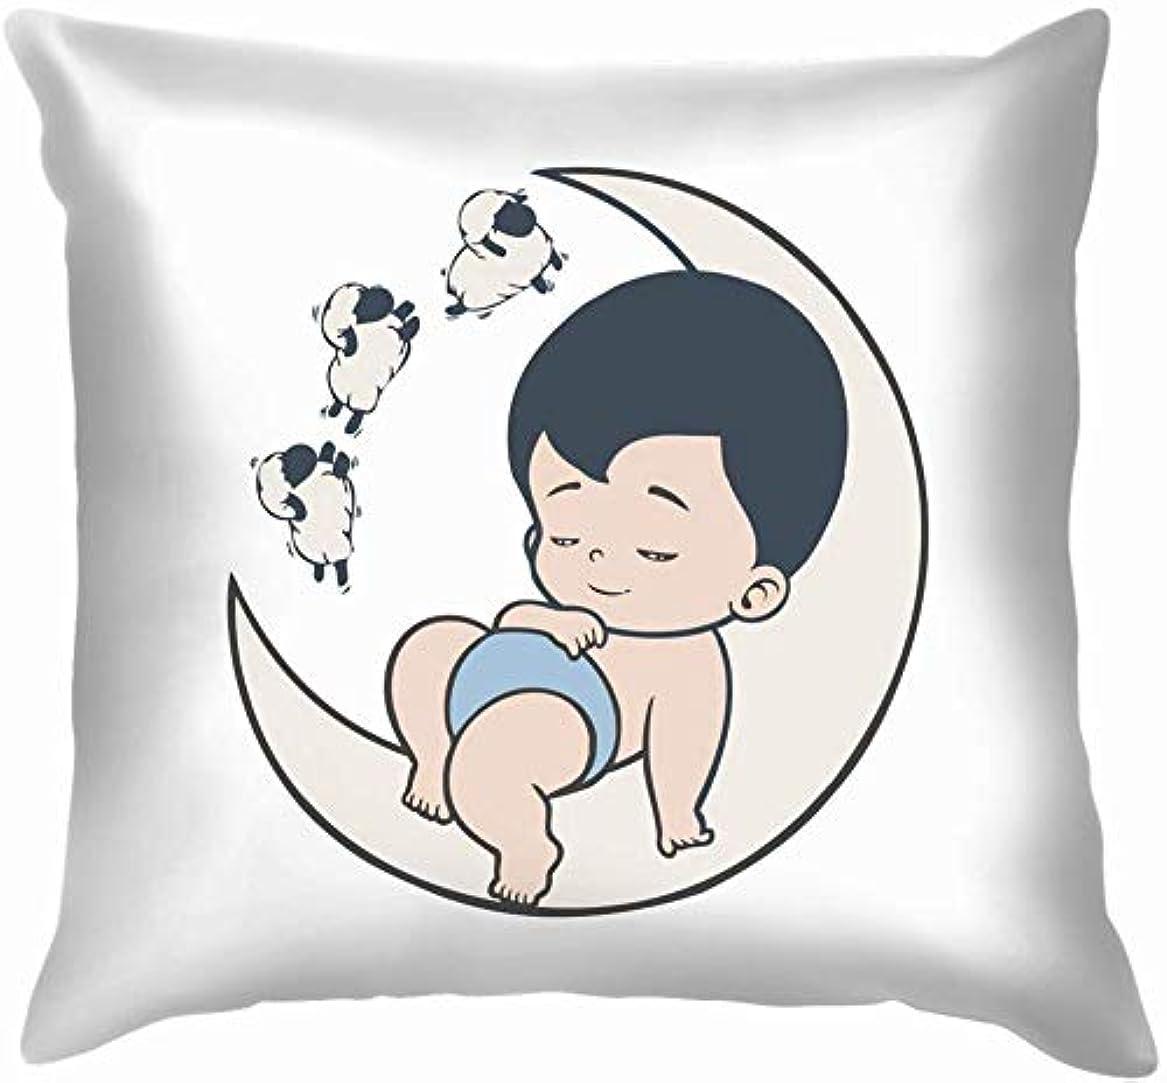 飛ぶ勧める気がついて赤ちゃんムーン羊デザイン芸術美容ファッションスロー枕カバーホームソファクッションカバー枕ギフト45×45センチ